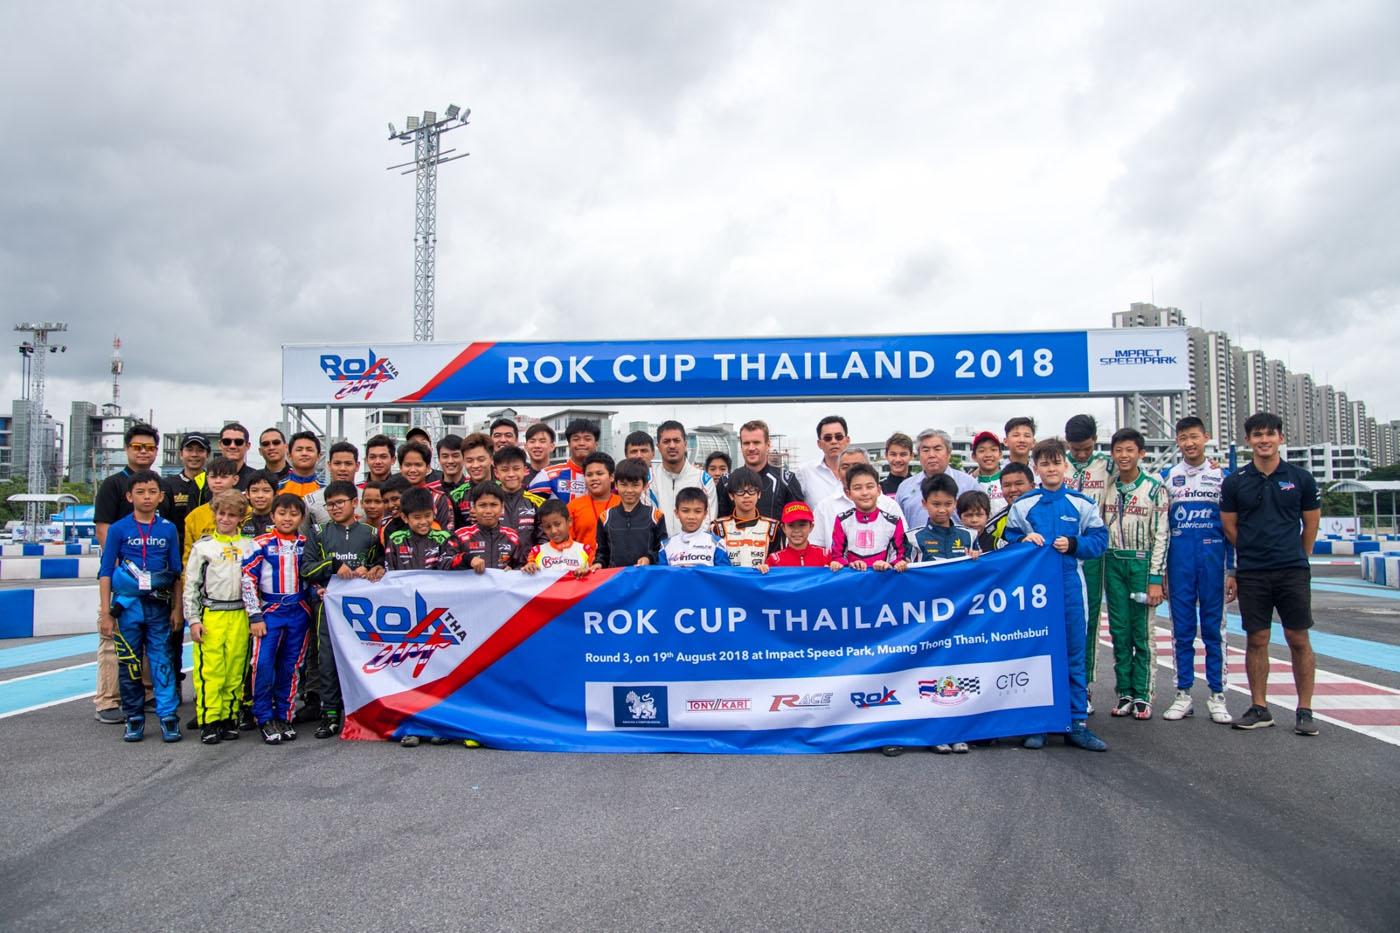 Rok Cup Thailand 2018 round 3 +Asia Zone